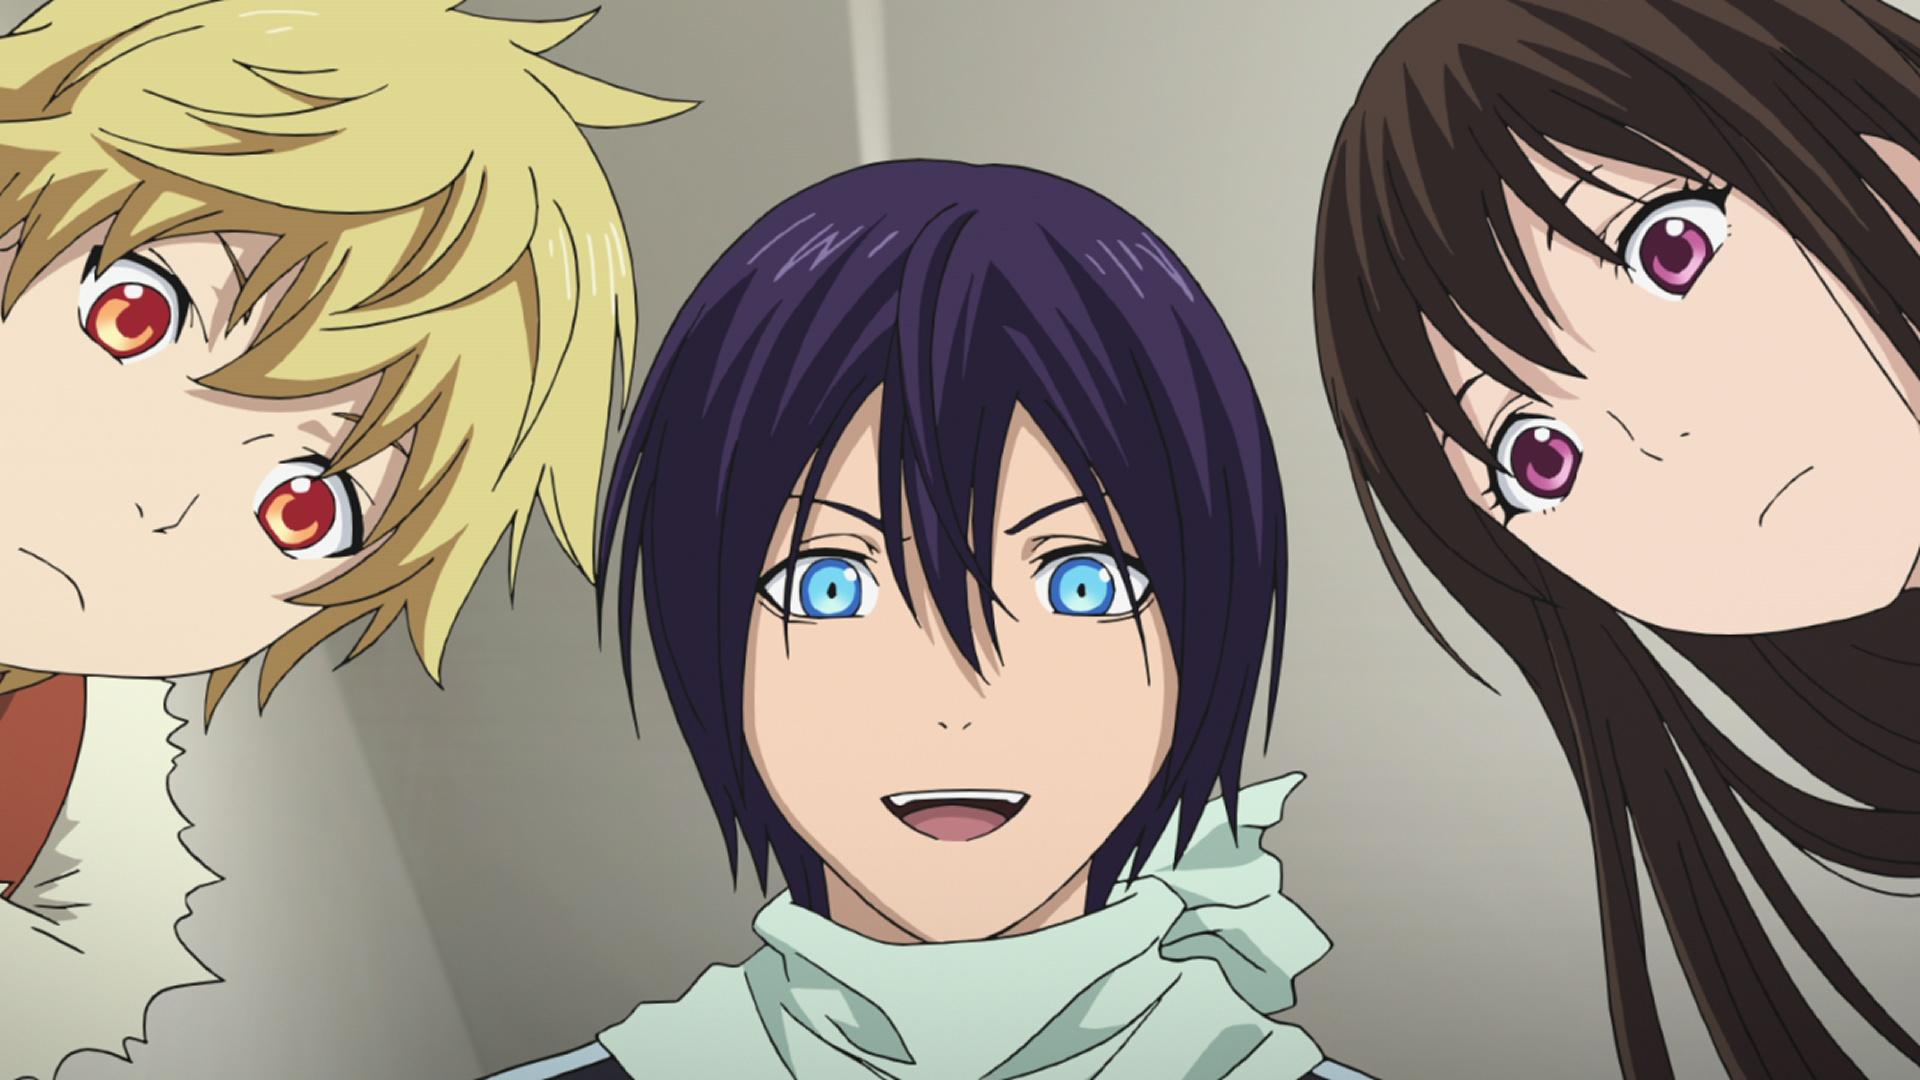 noragami season 2